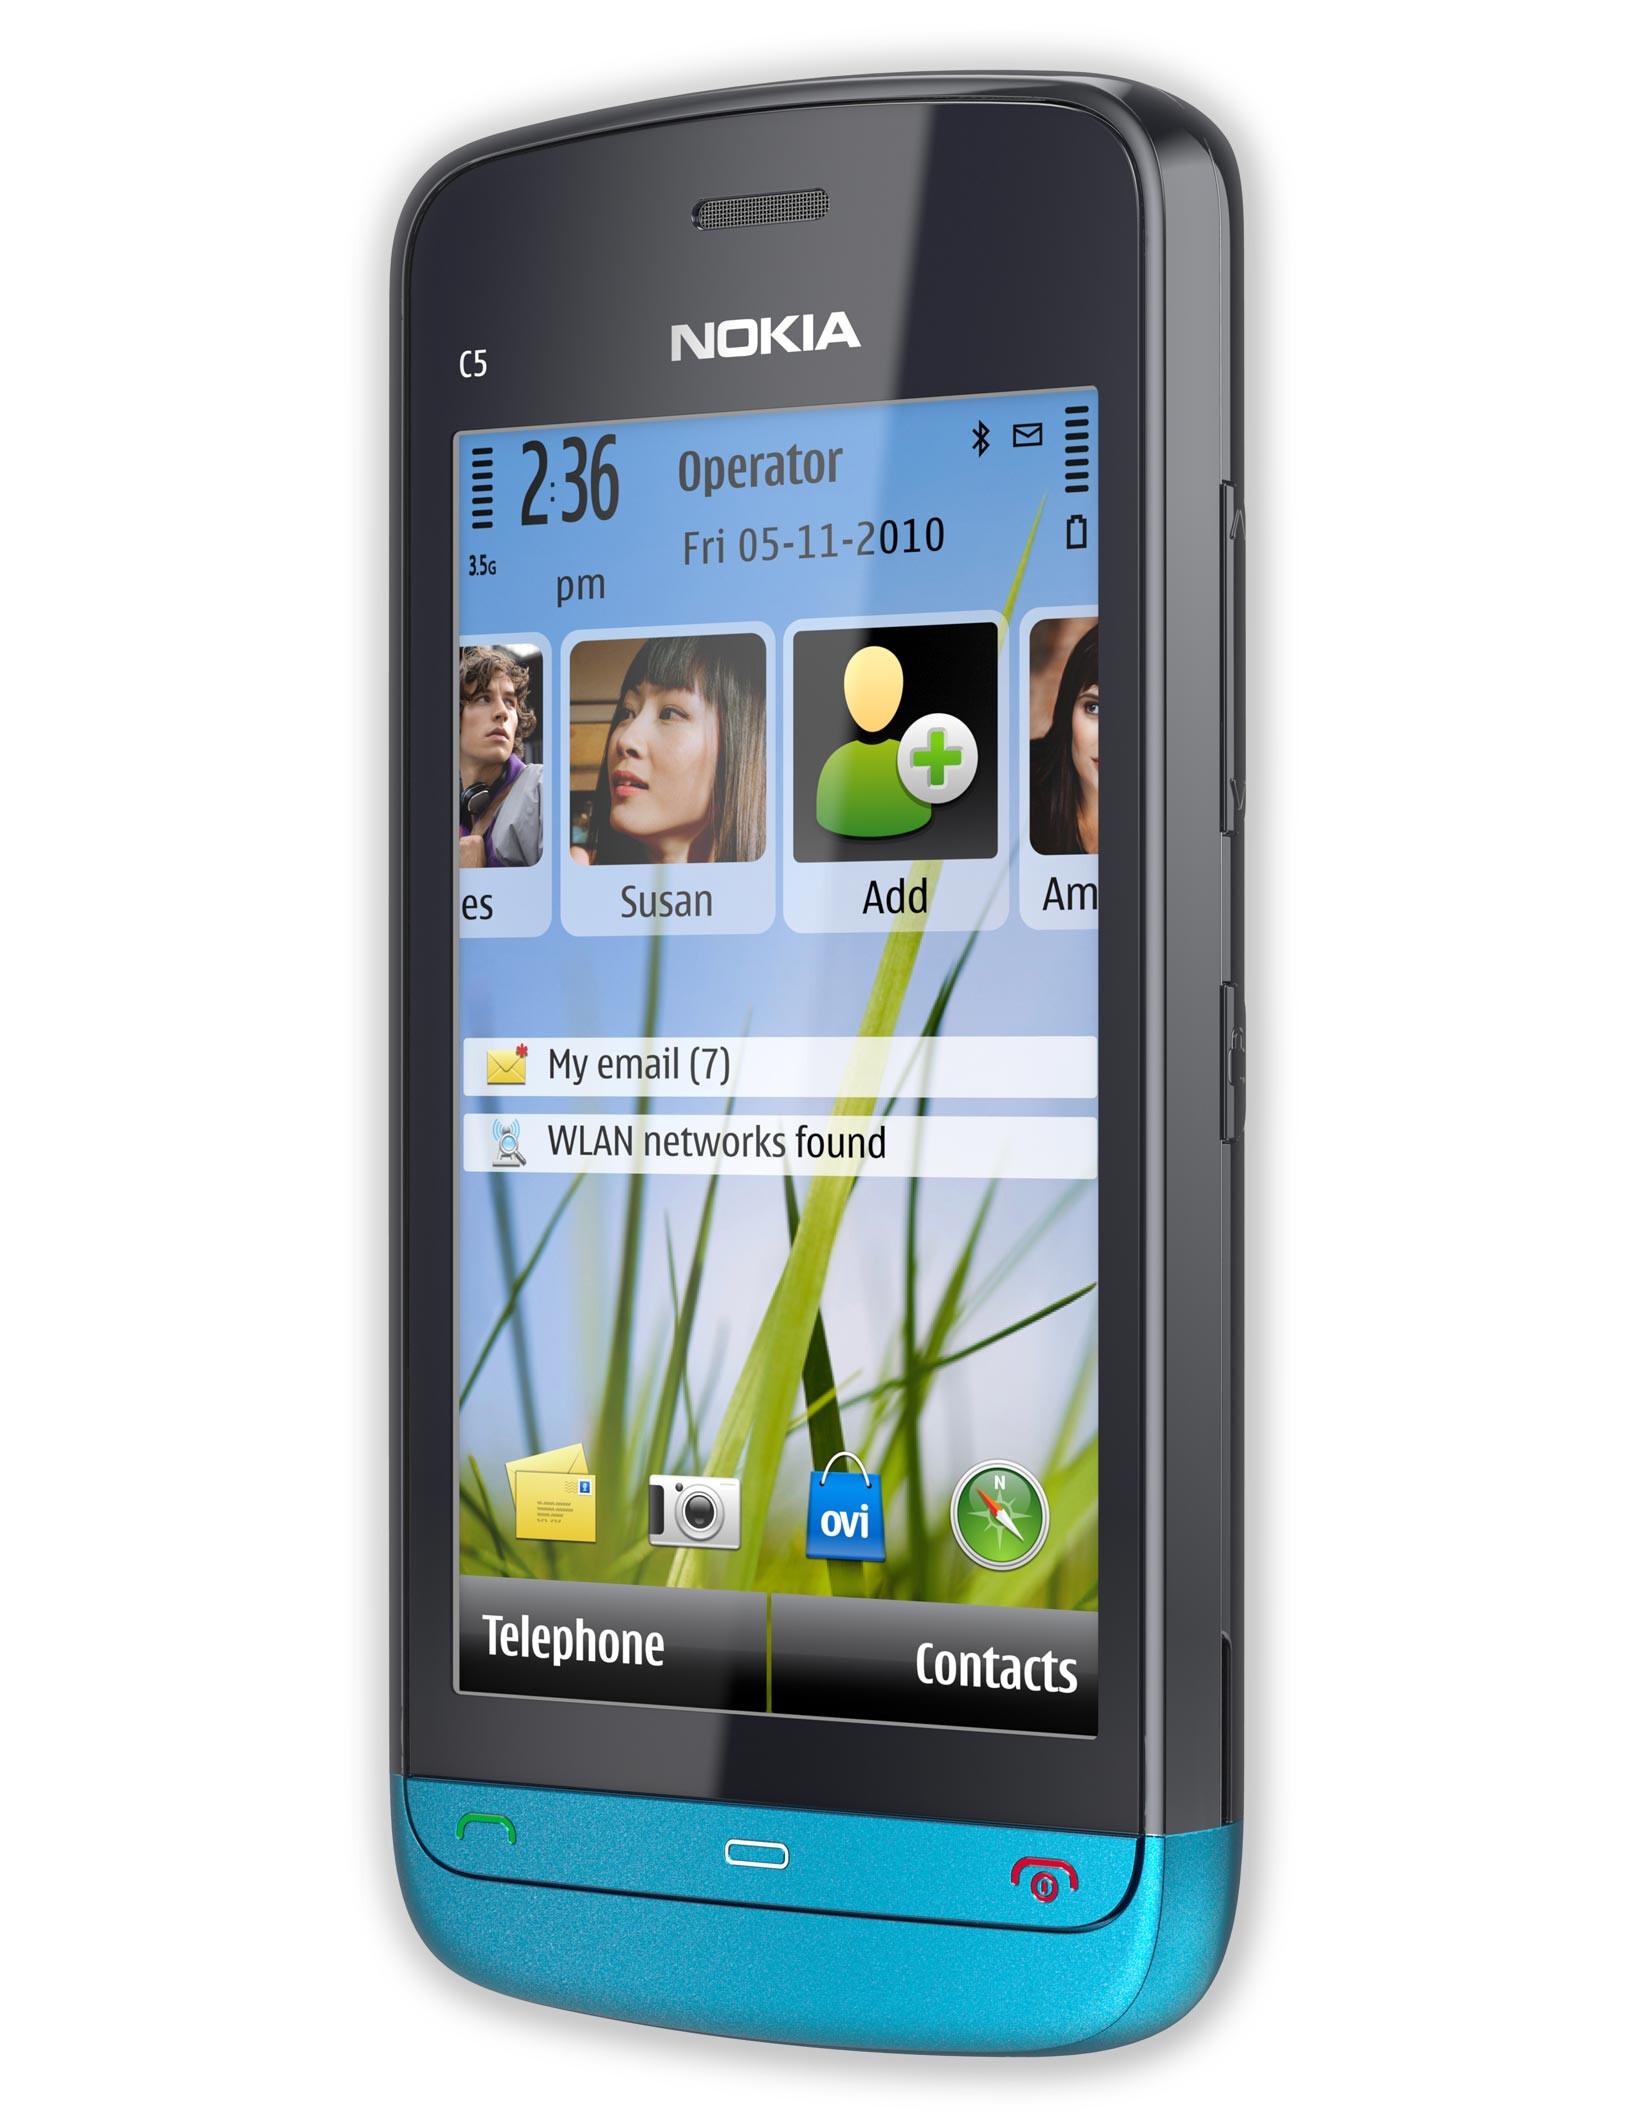 Nokia C5-06 specs